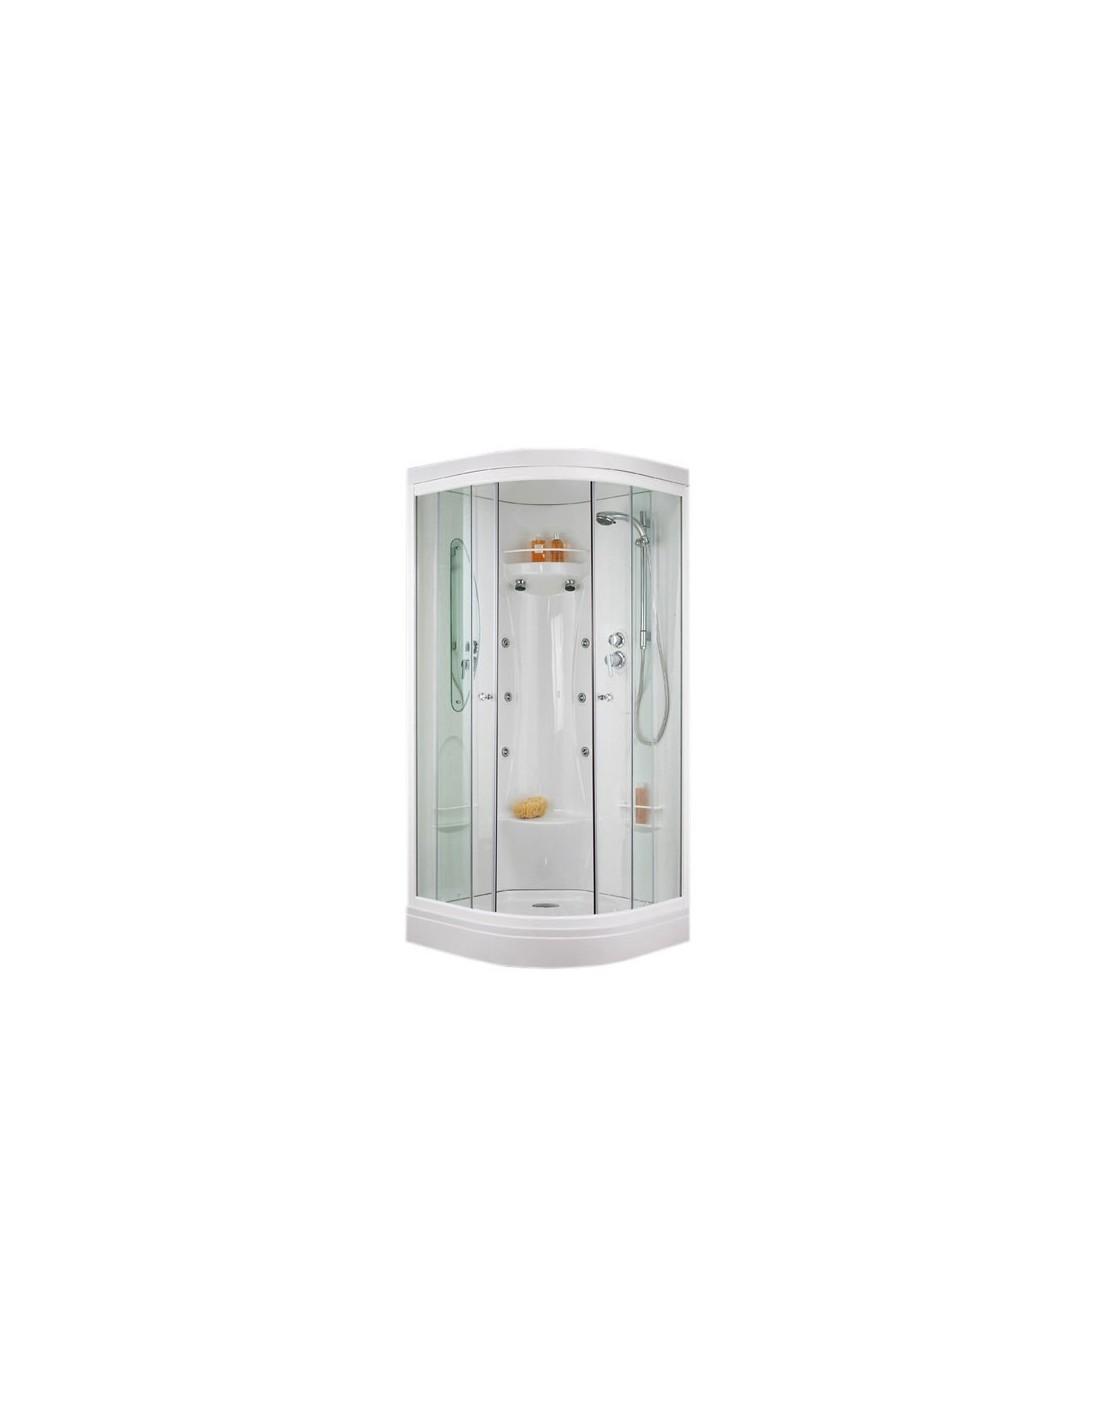 Cabine de douche porte coulissante hydro 1 4 de rond - Cabine de douche porte coulissante ...